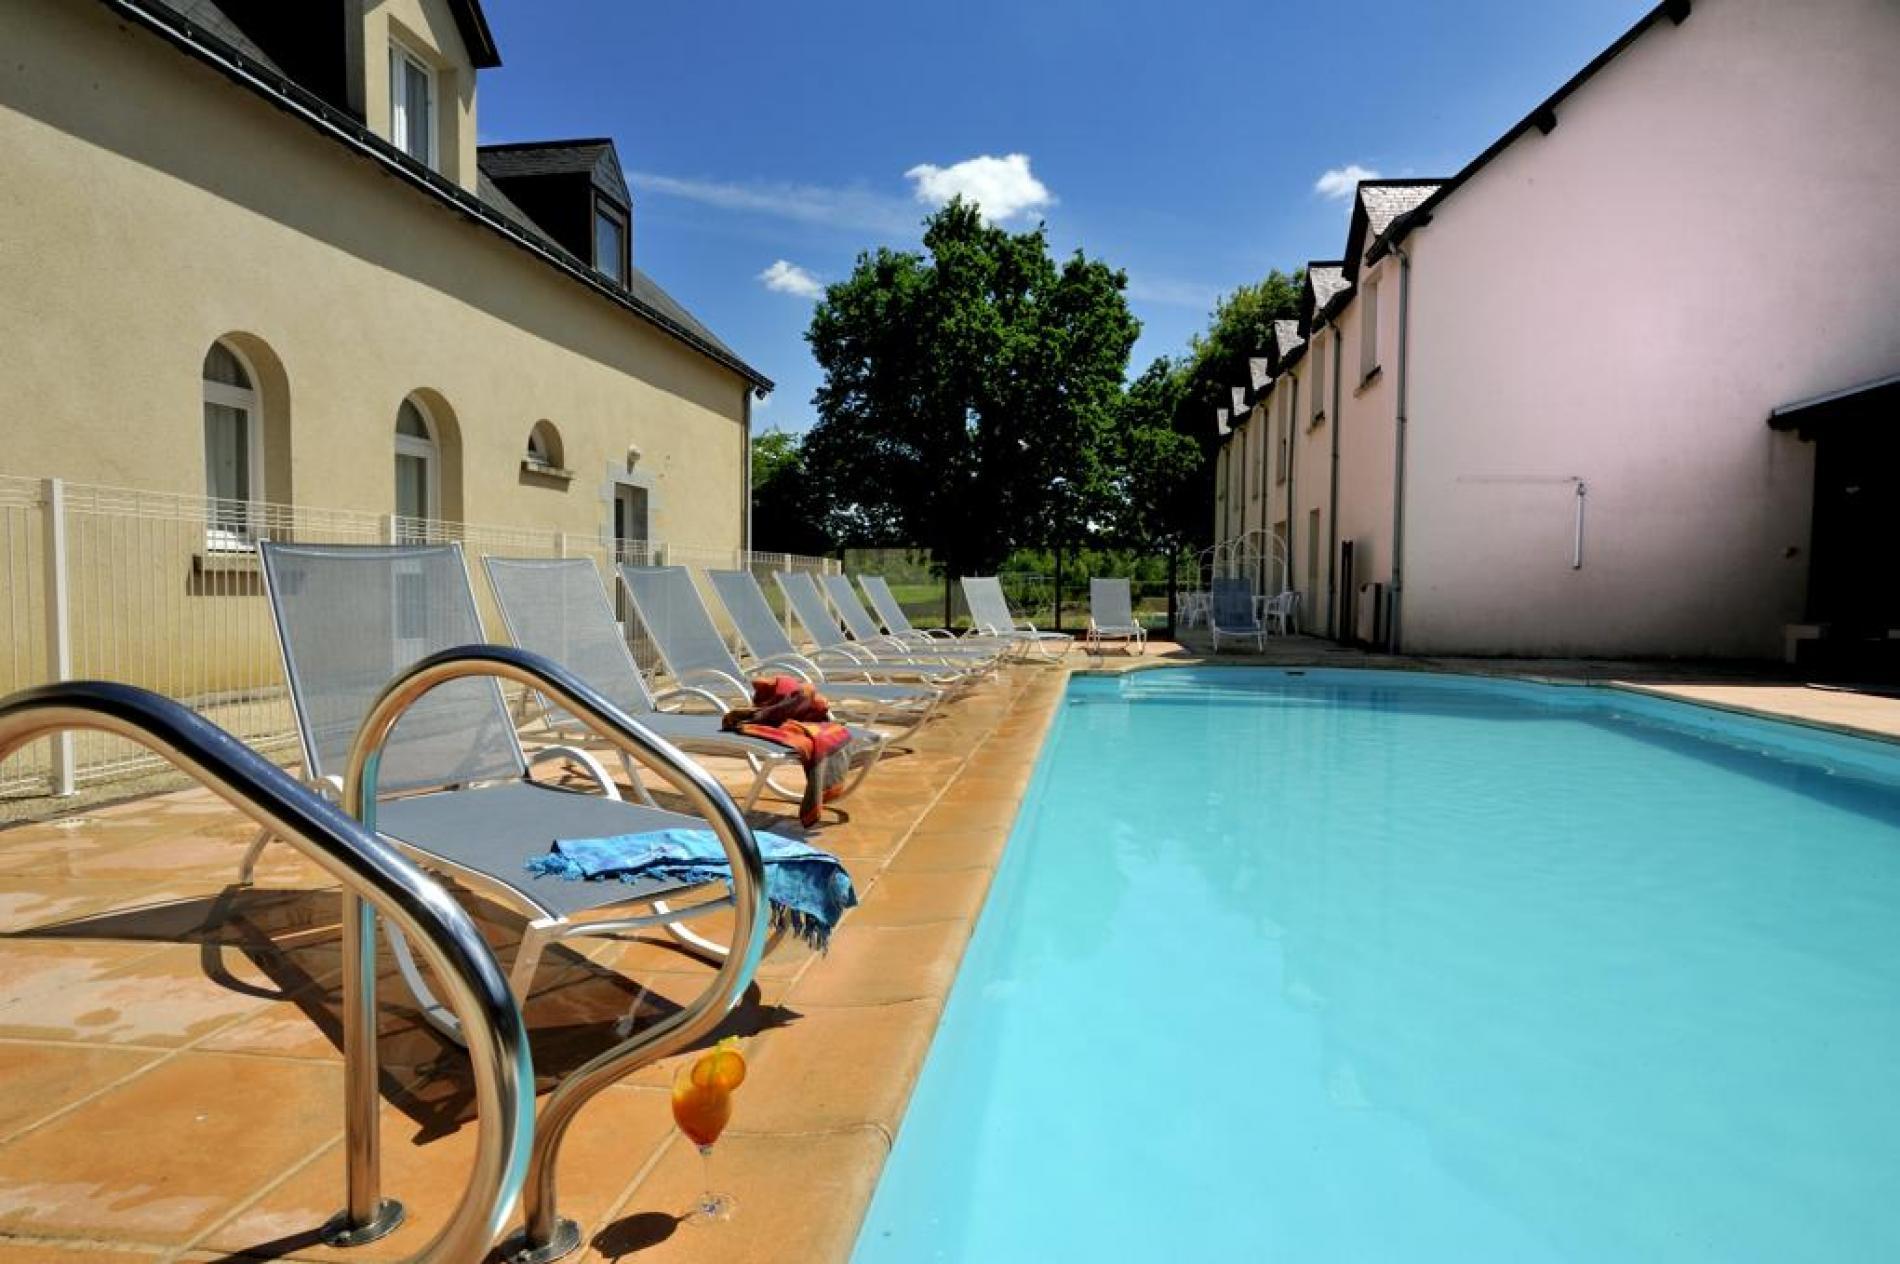 Hôtel détente & bien-être à Mézangers, au coeur du Pays-de-la-Loire